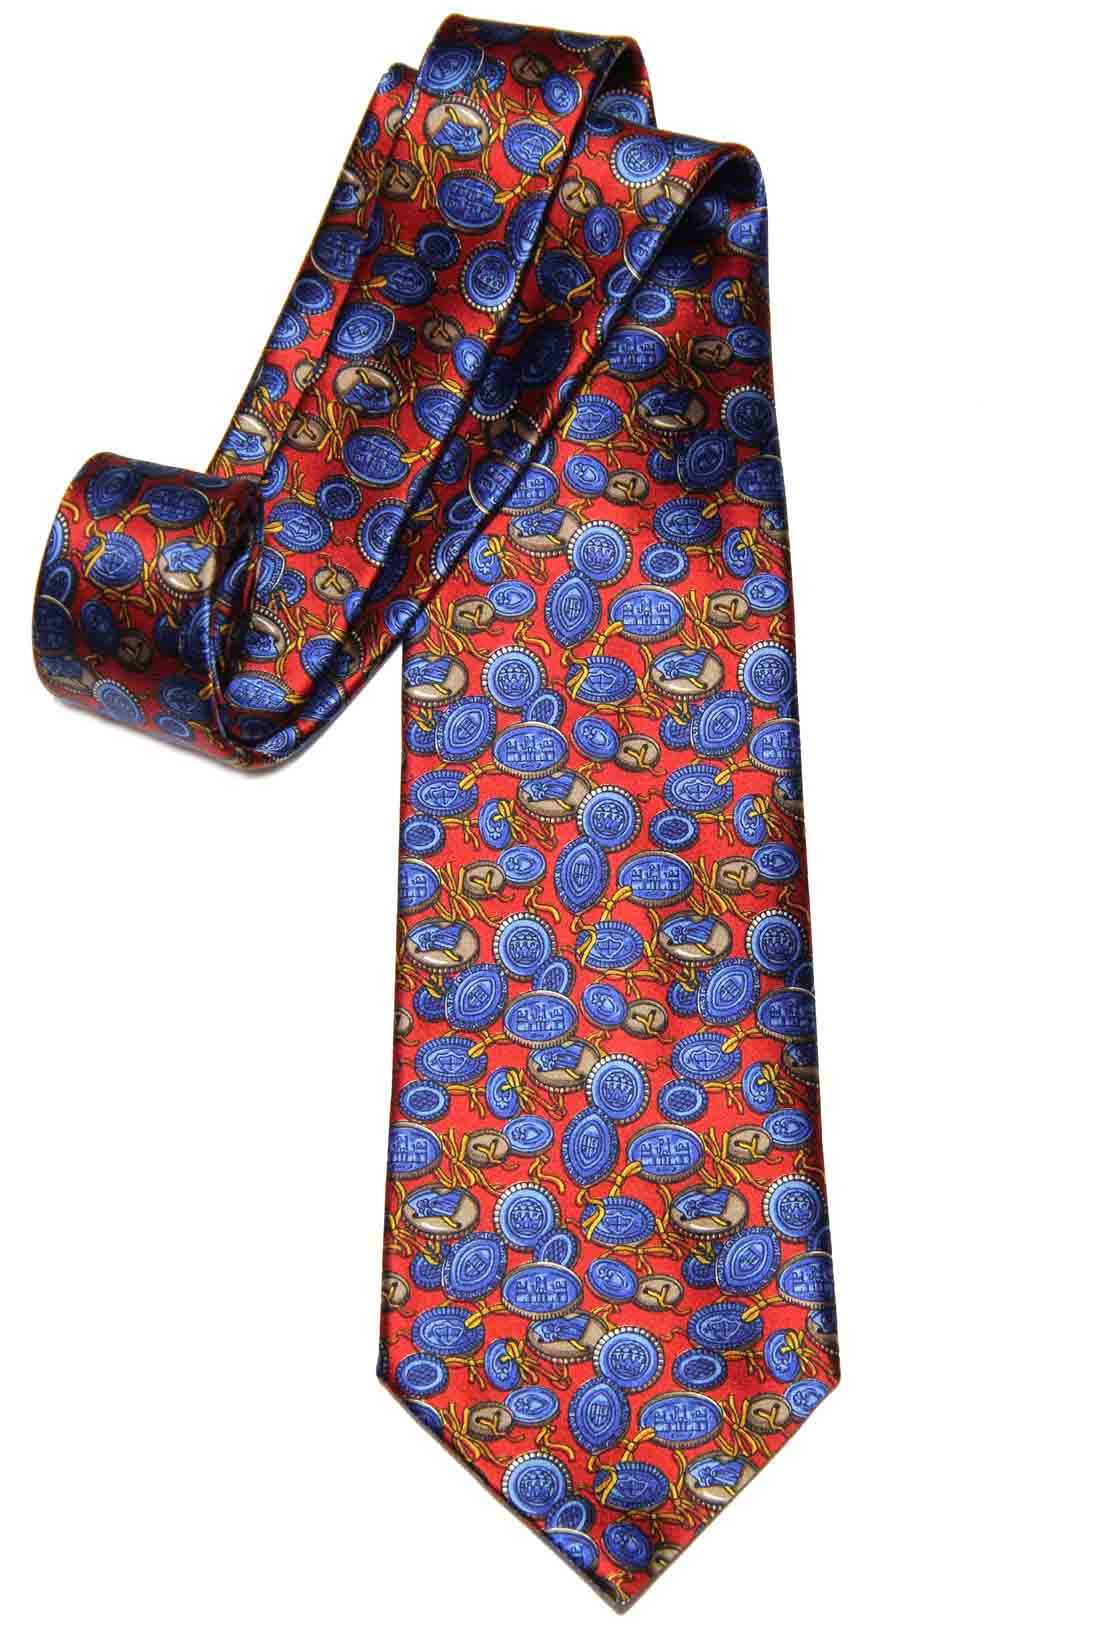 Kieselstein-Cord Italian Silk Tie Buttons Pattern Red Blue Brown Gold Men's